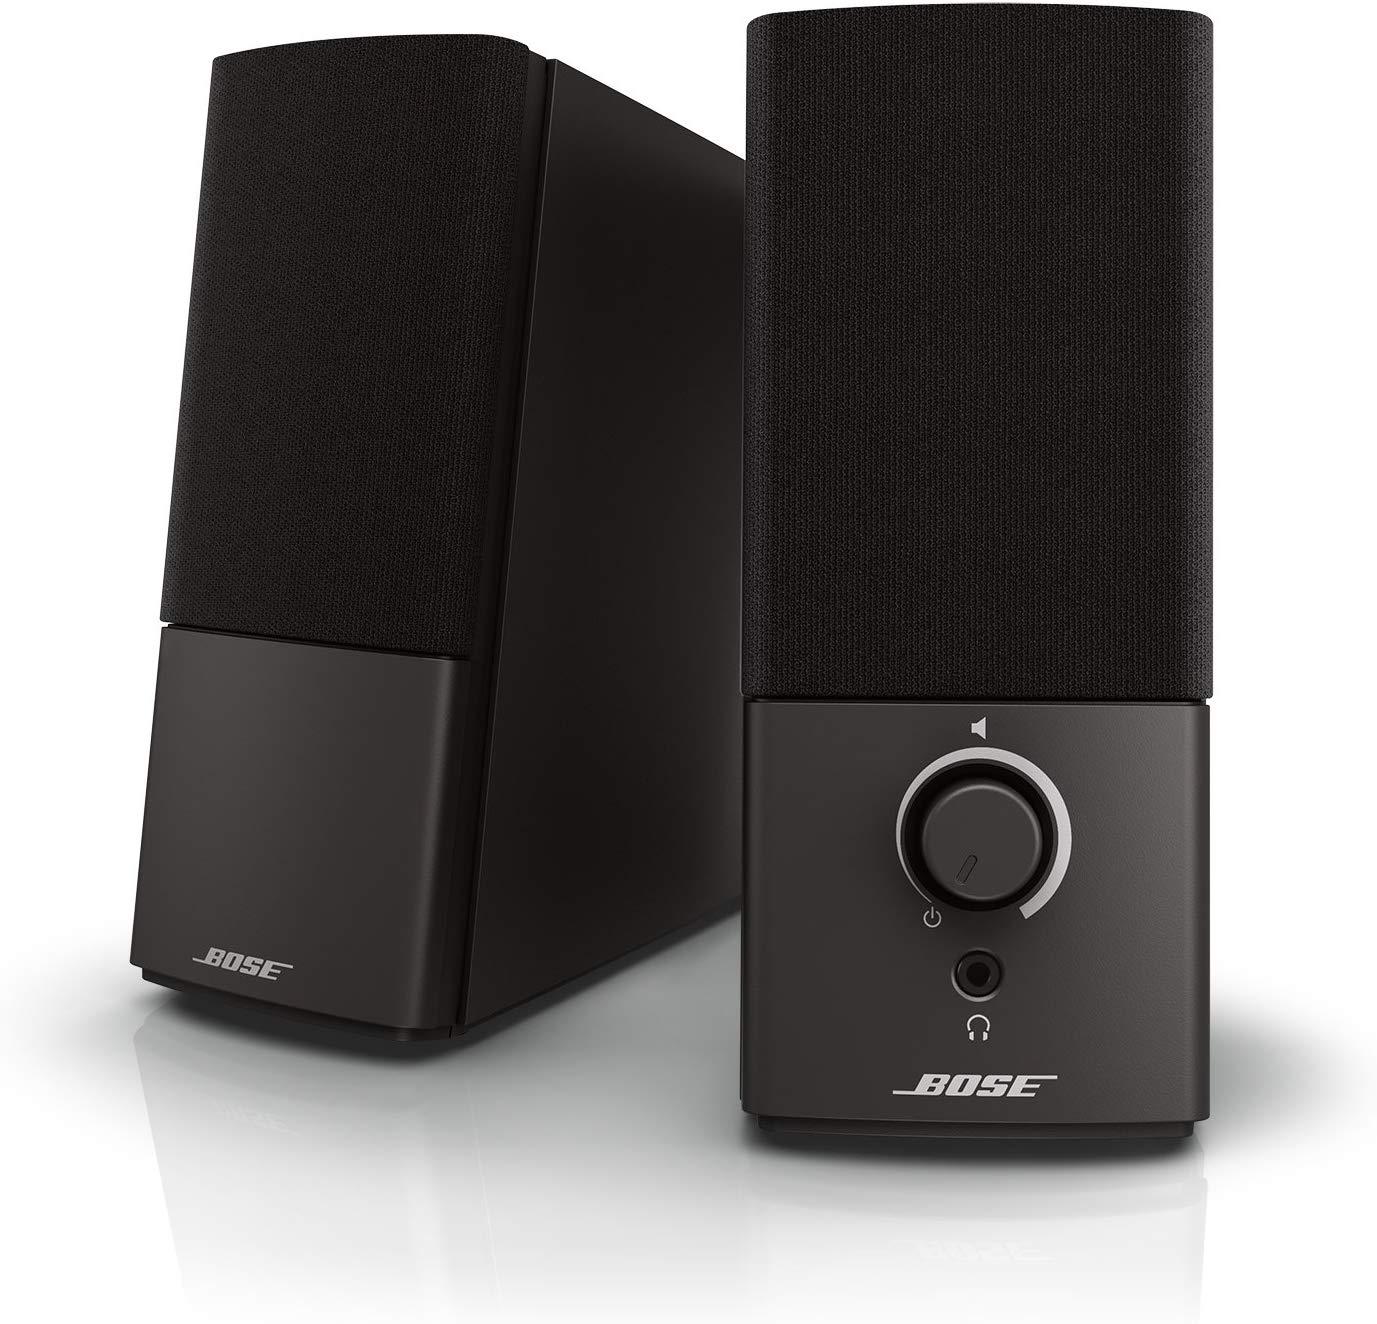 gaming speakers buying guide - Bose Companion 2 Series III Multimedia Speakers